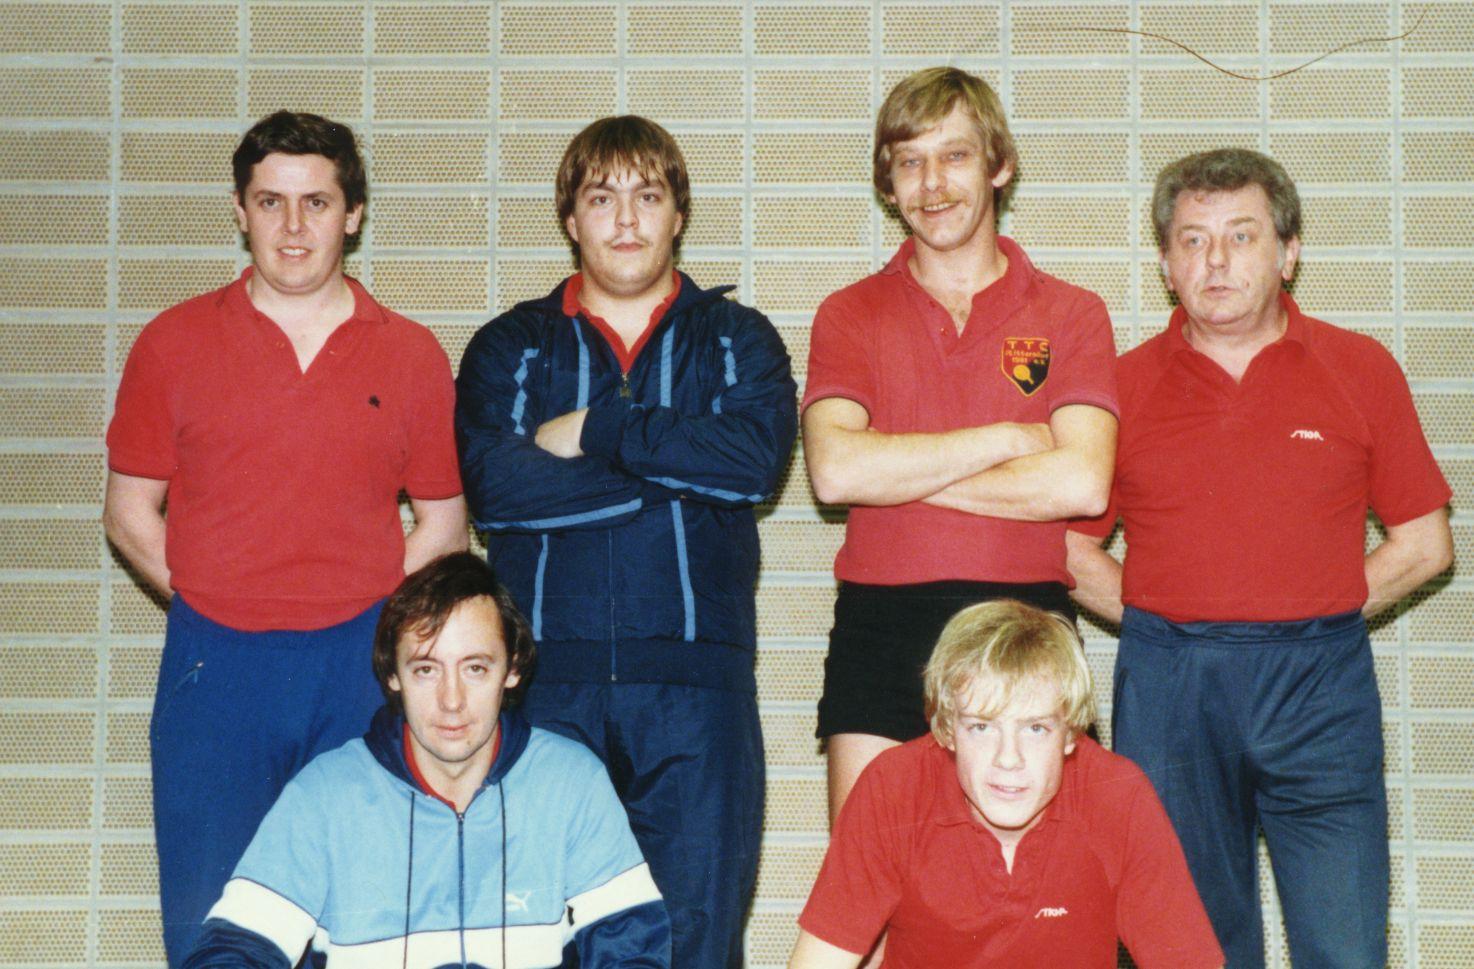 Oben von links: Erich Gemein, Peter Burgwinkel, Gerd Schumacher und Arnold Linke. Unten von links: Johannes Ockenfels und Stephan Huckschlag